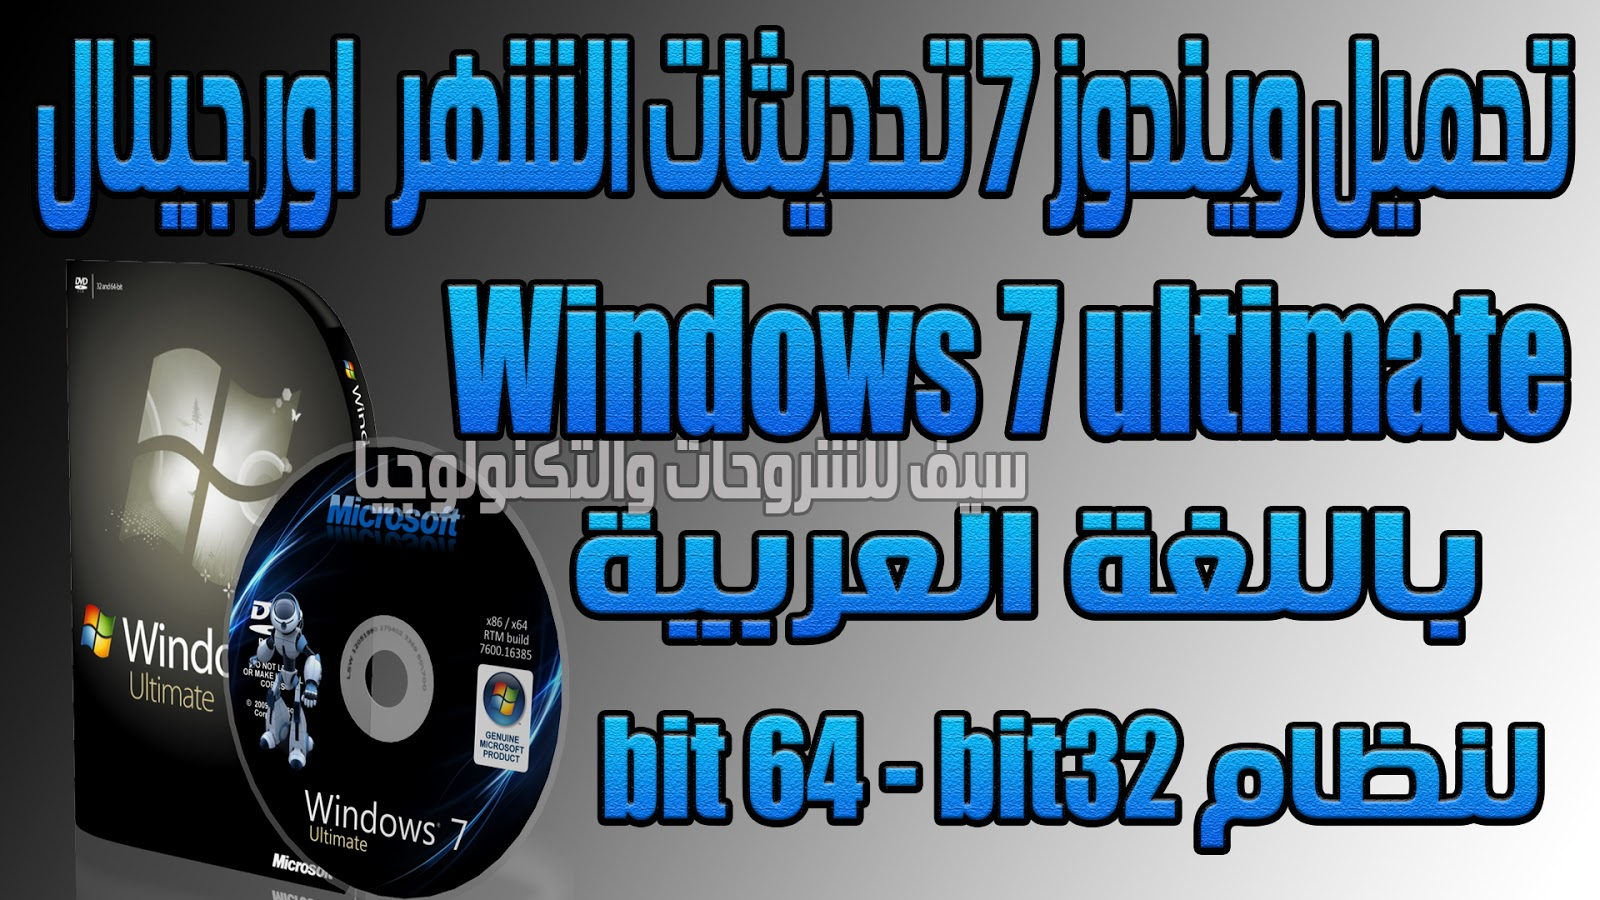 تحميل افضل واقوي نسخة ويندوز 7 - 2020  للالعاب باللغة العربية - Windows 7 ultimate